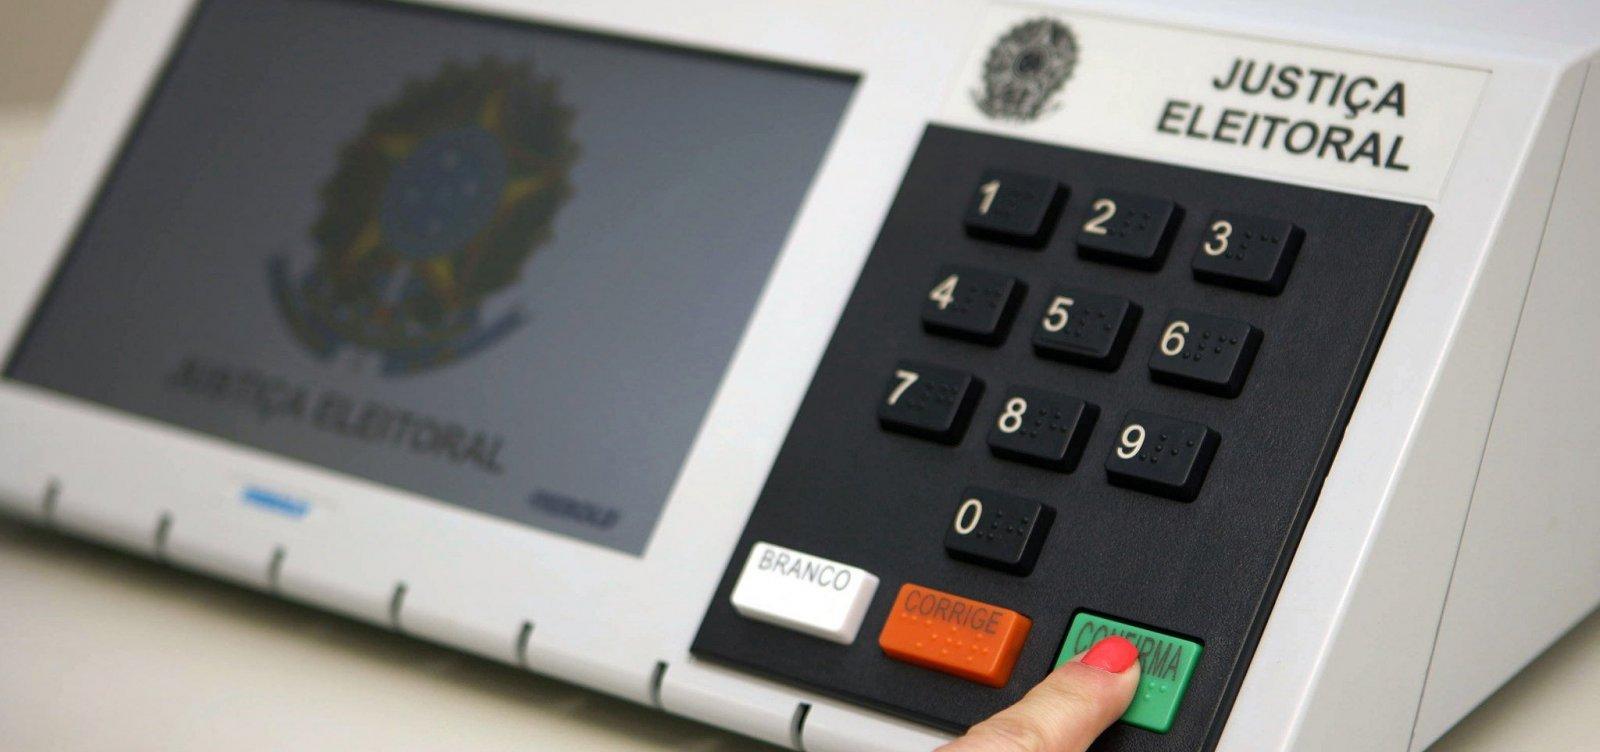 [Financiamento de campanha no primeiro turno custou R$ 2,82 bilhões]